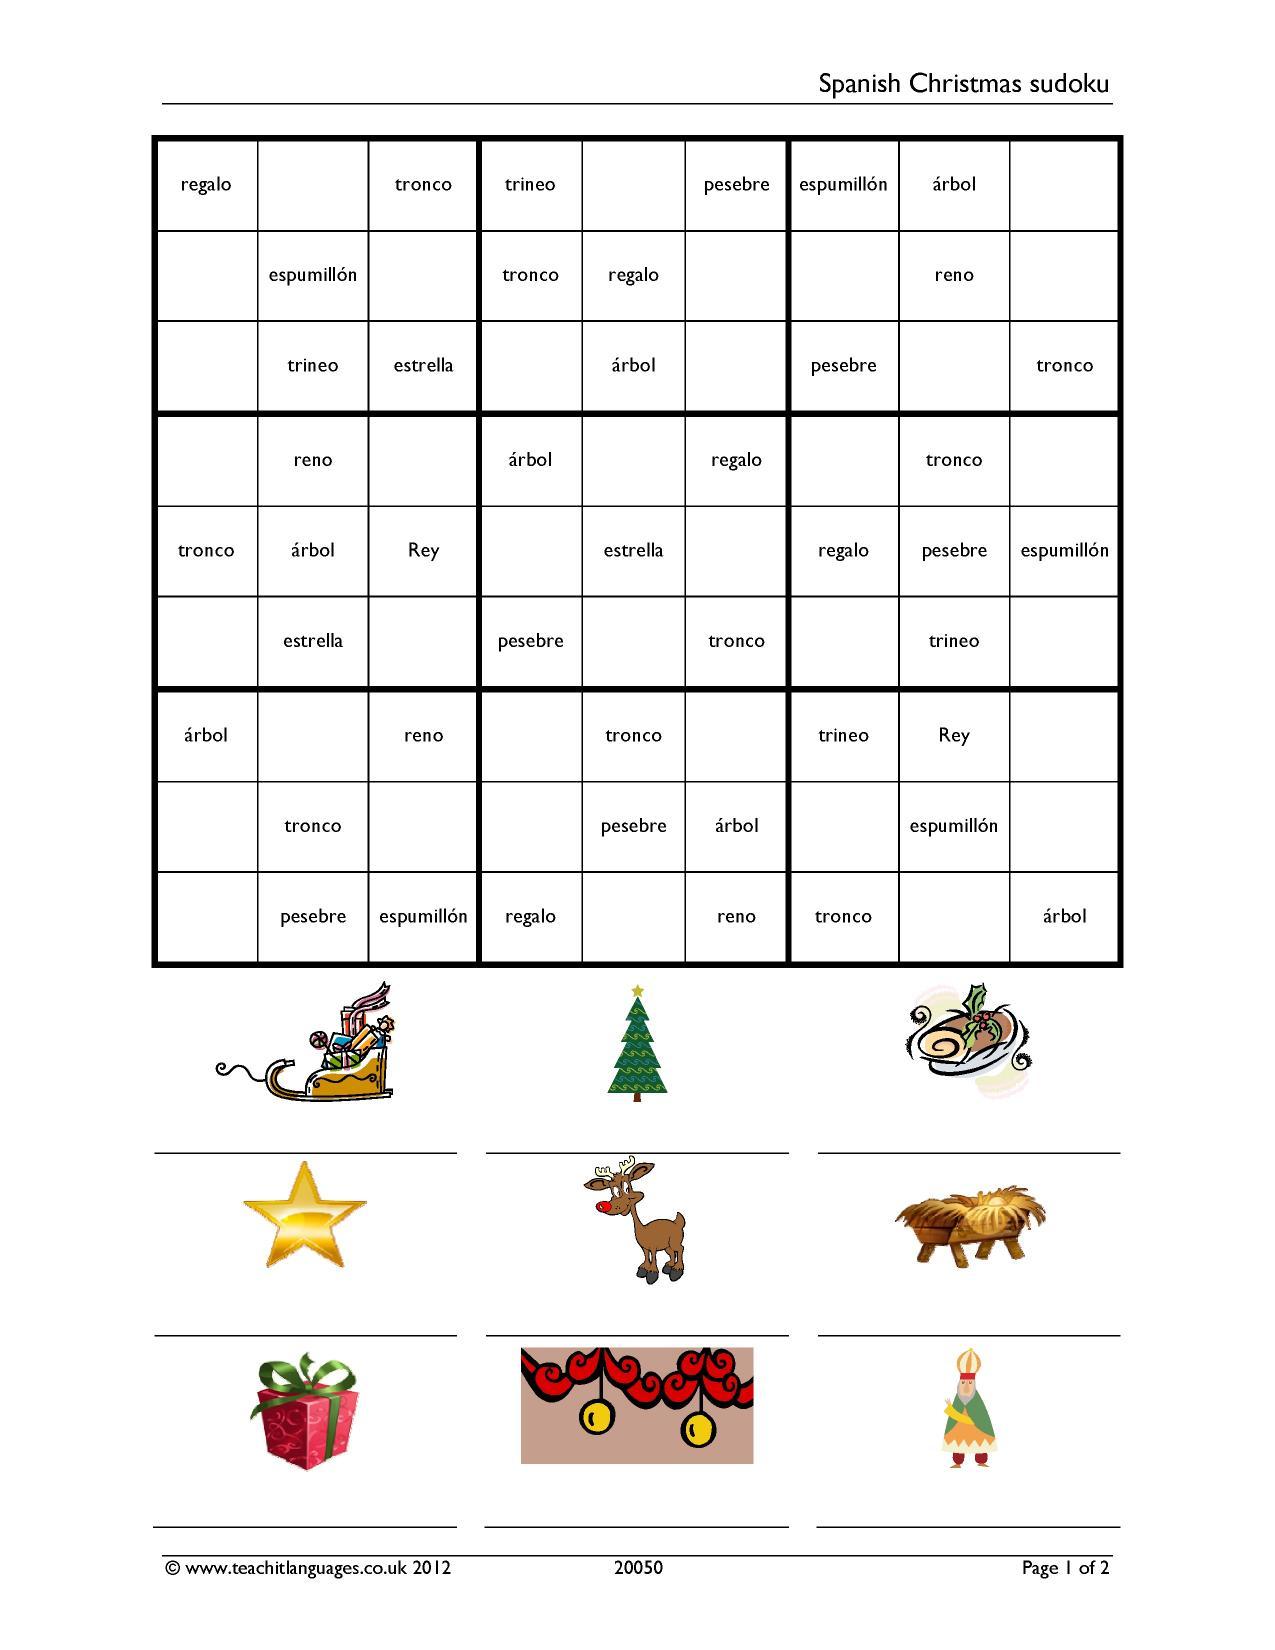 Spanish Christmas Sudoku